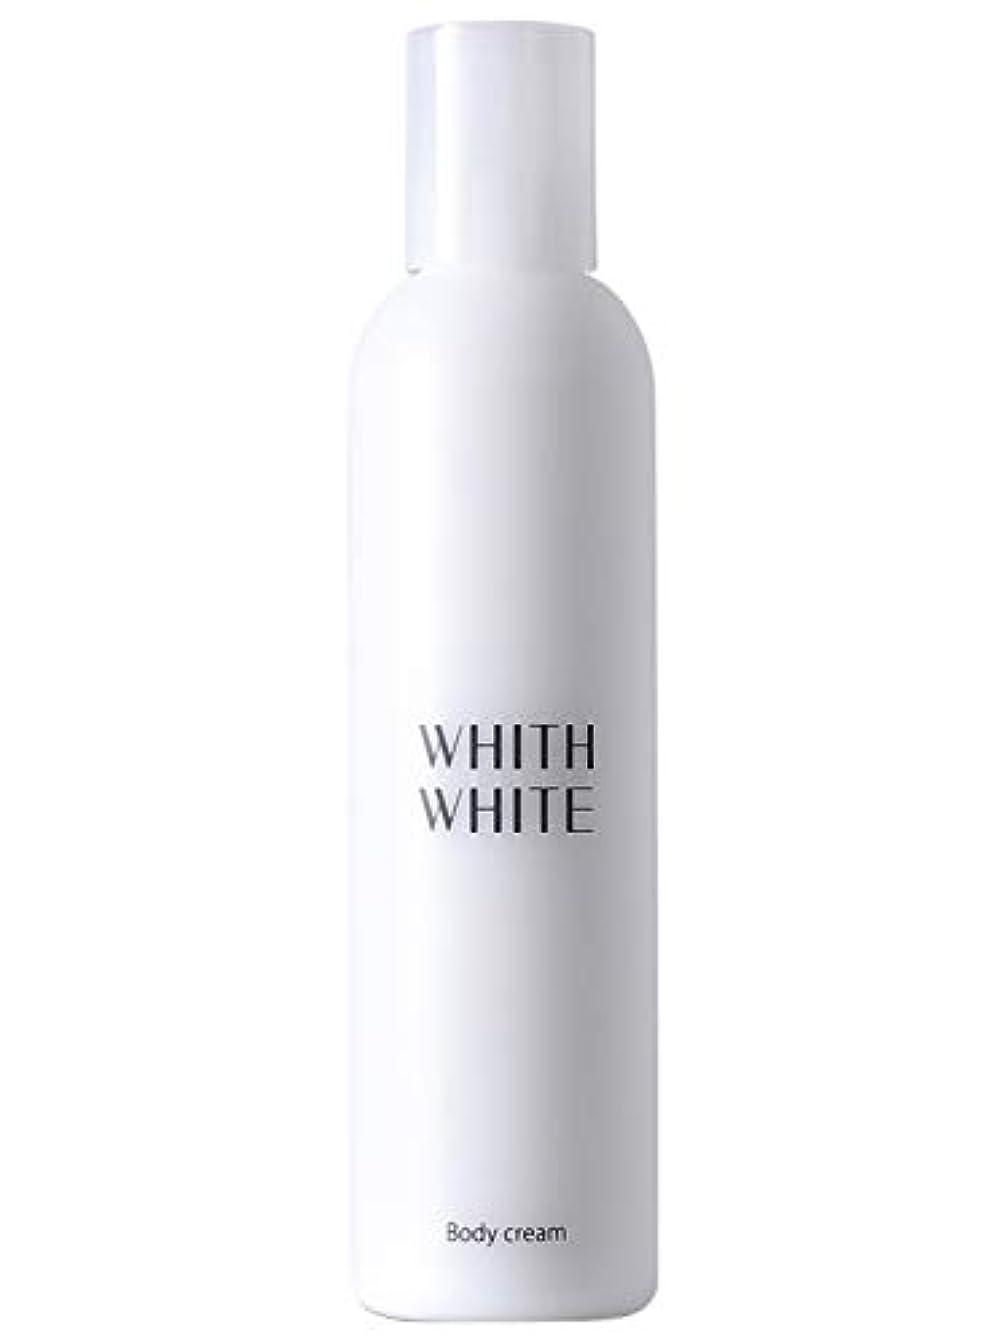 かわす注目すべき静けさフィス ホワイト 保湿 ボディクリーム 「顔 かかと 全身 乾燥肌 しみ くすみ 用 エモリエント 保湿クリーム 」200g